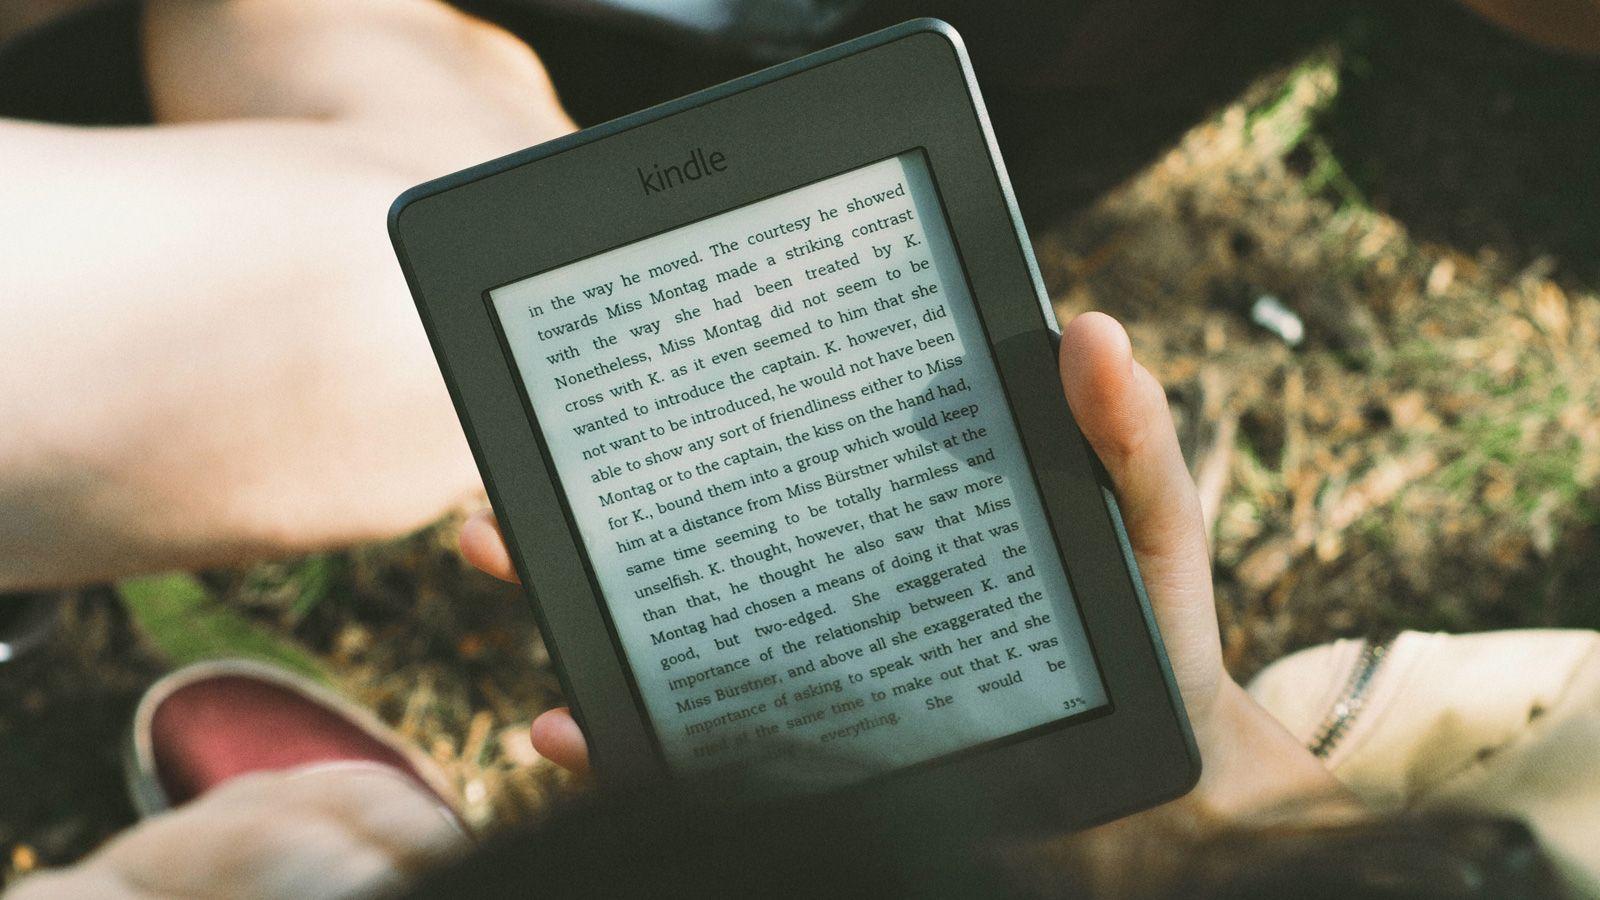 Leseempfehlung für die digitale Zukunft